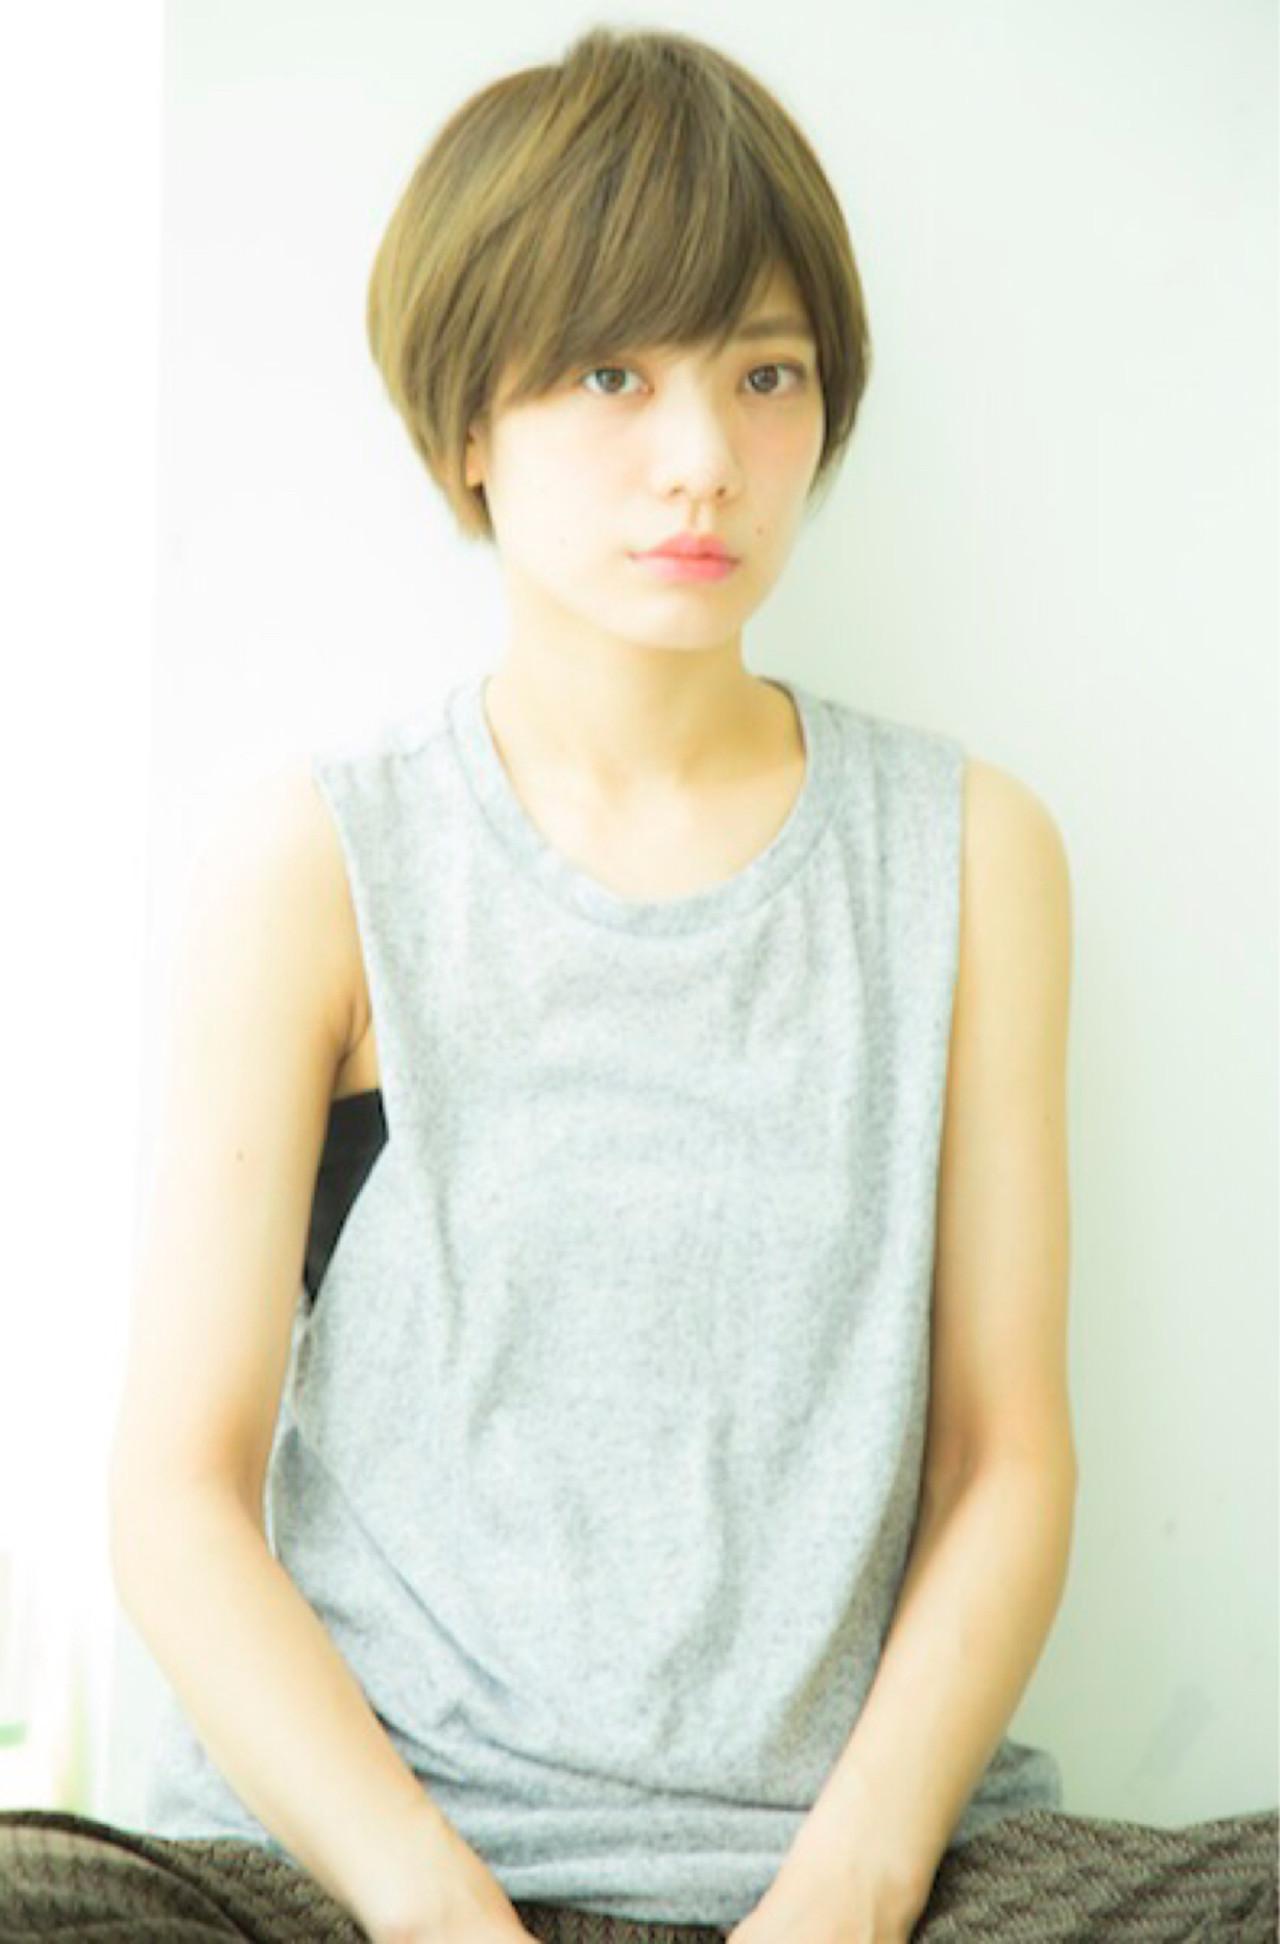 前髪あり ストリート ゆるふわ 涼しげ ヘアスタイルや髪型の写真・画像 | 力石サトシ HOMIE Tokyo /   HOMIE TOKYO